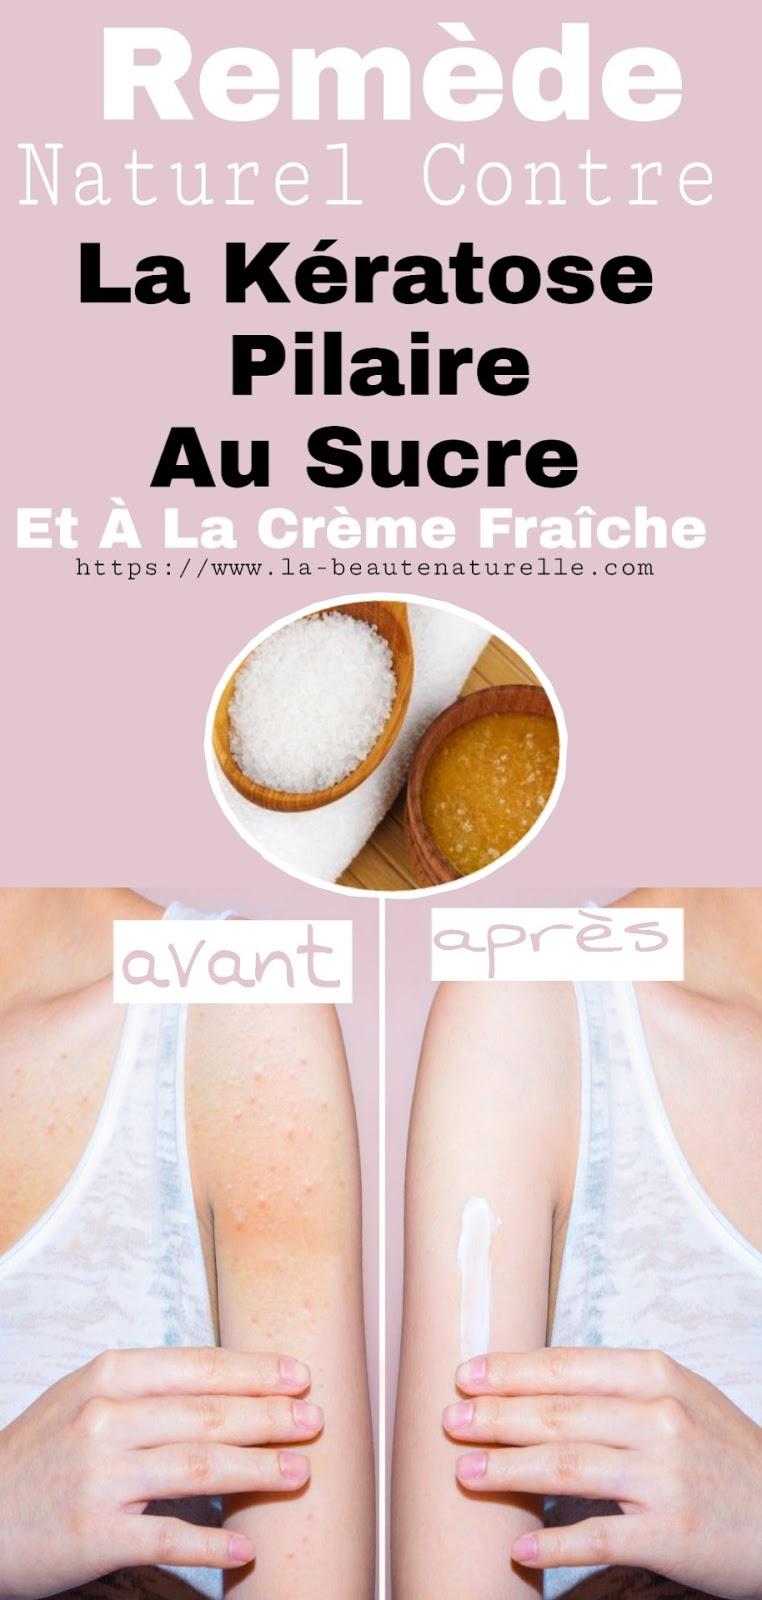 Remède Naturel Contre La Kératose Pilaire Au Sucre Et À La Crème Fraîche